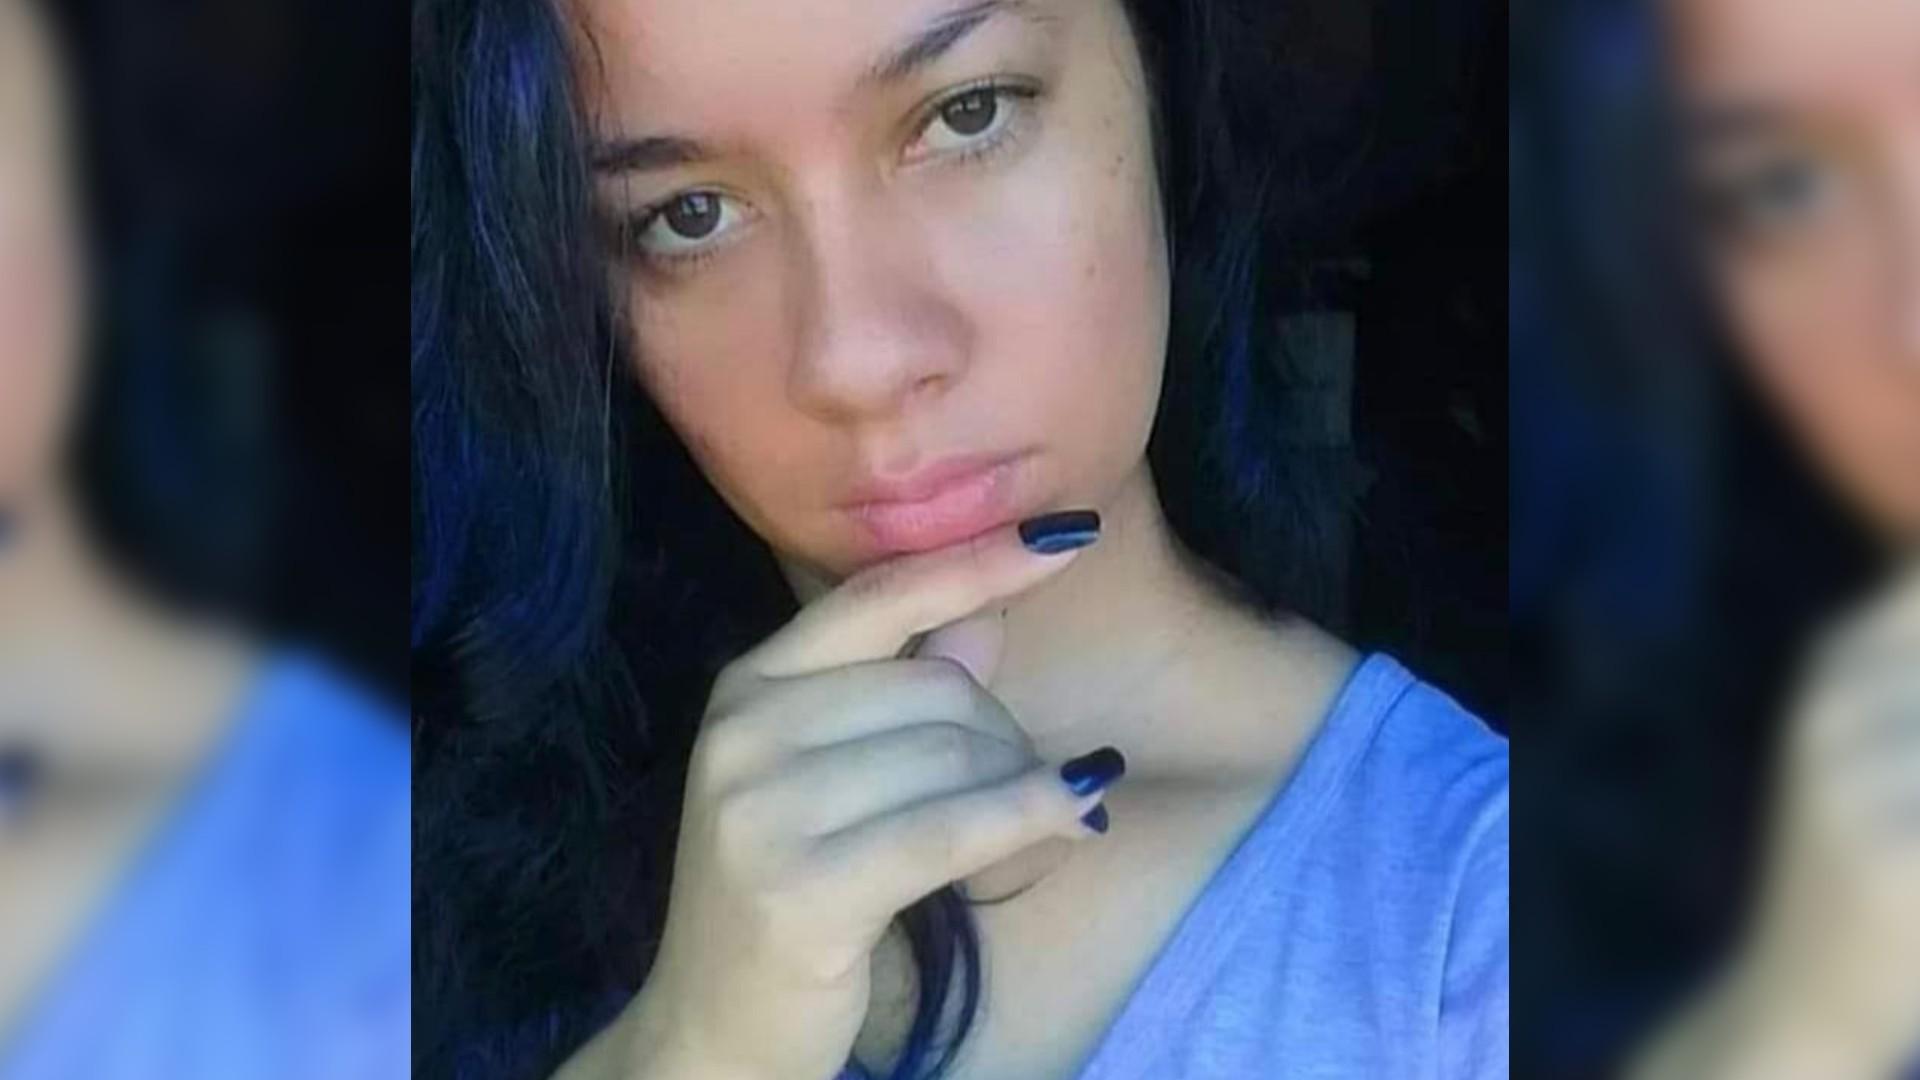 Mulher é morta baleada em frente aos filhos, e ex-namorado é suspeito do crime, em Antonina, diz polícia